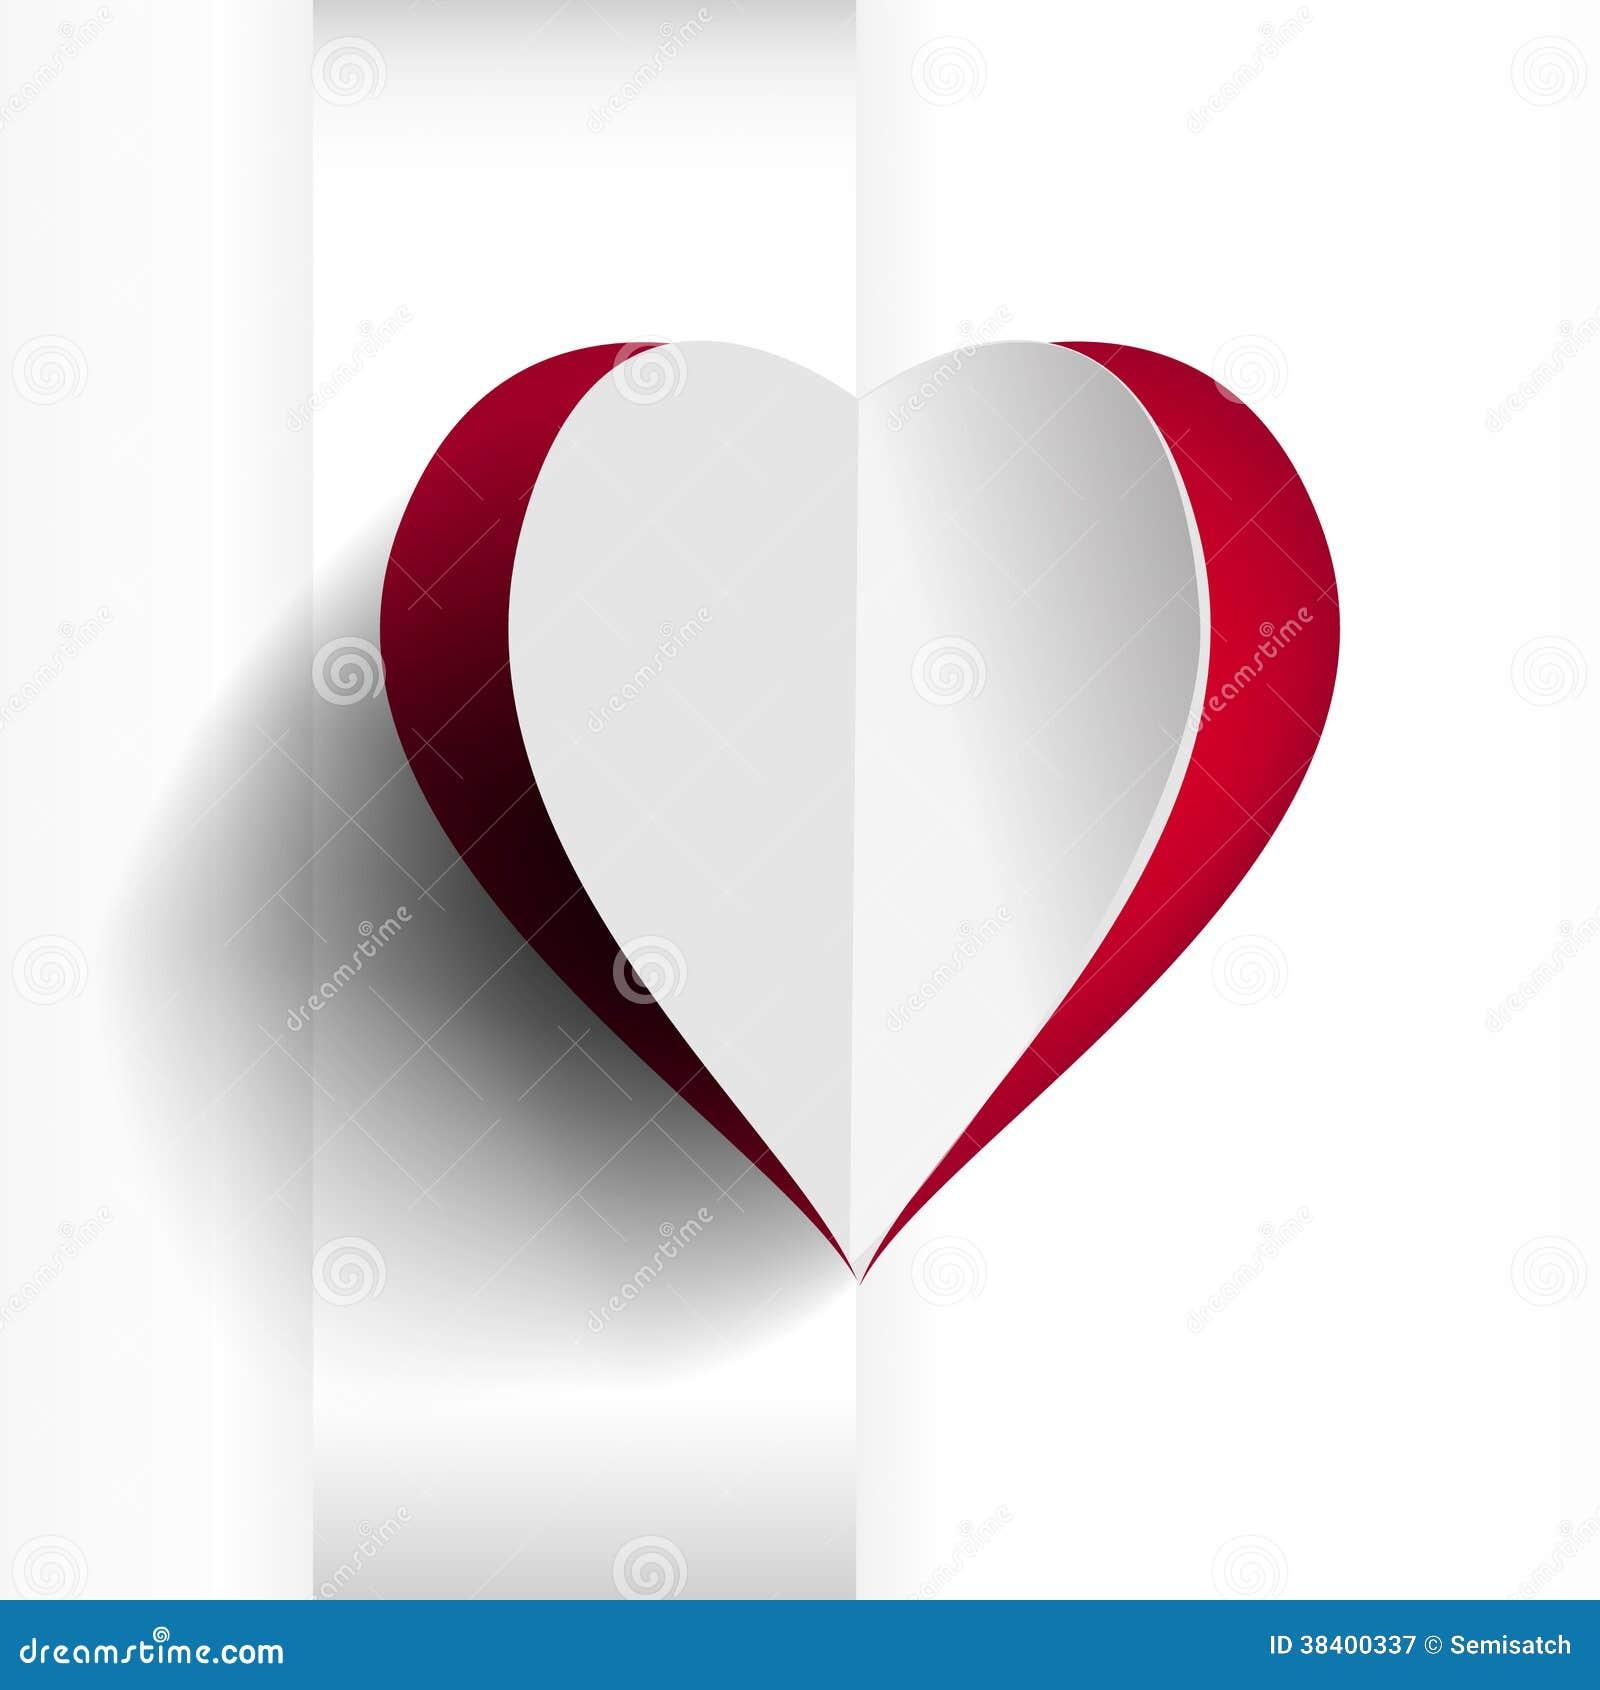 红色心脏背景图片